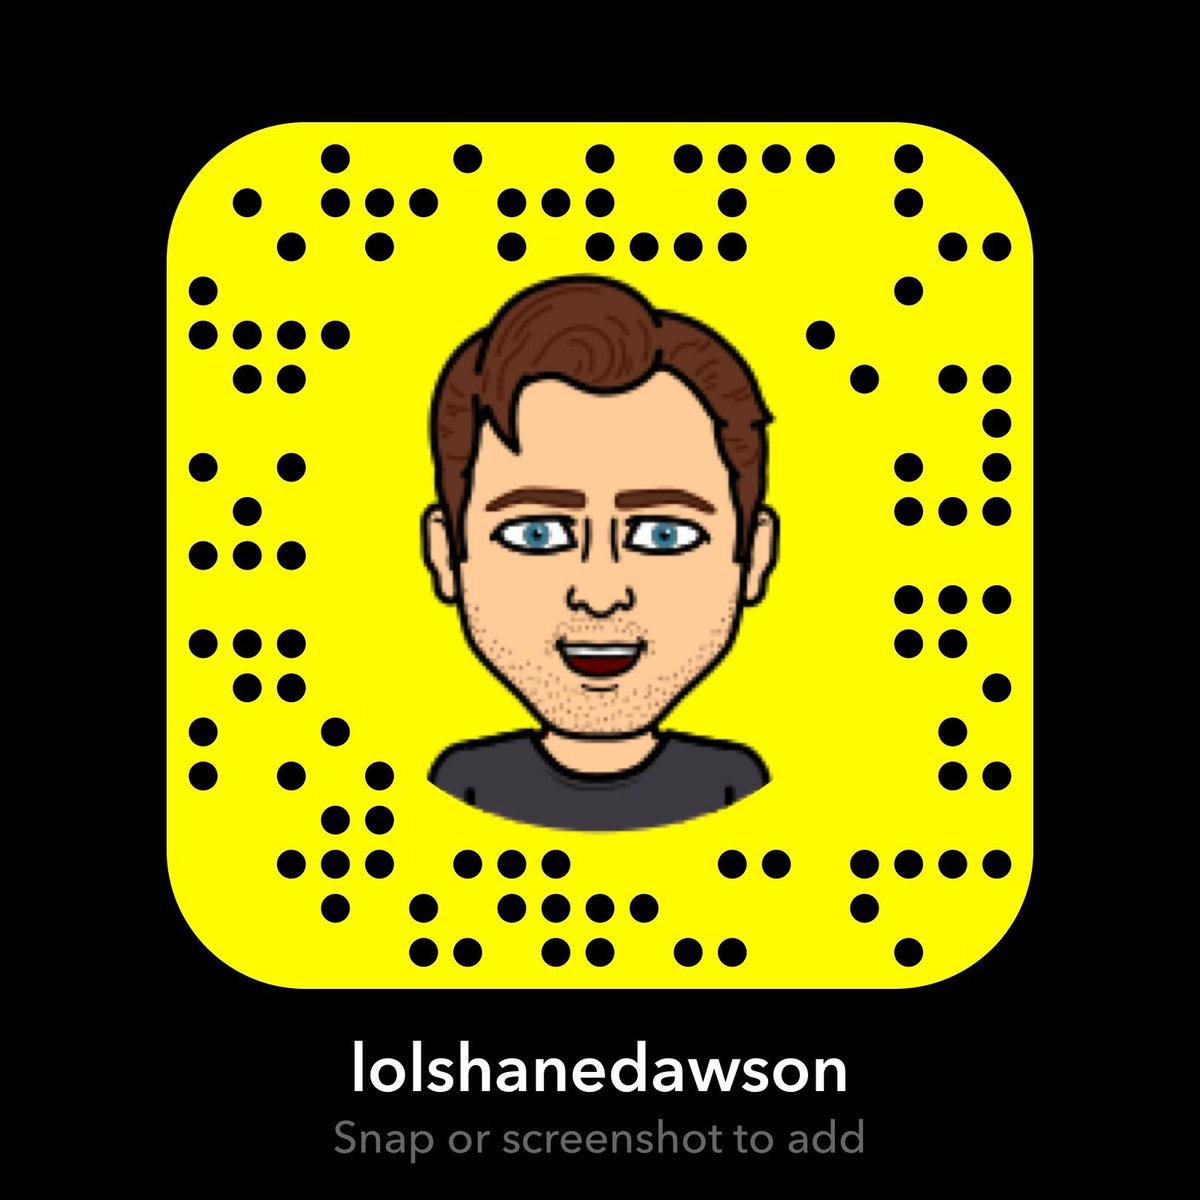 Shane Dawson – lolshanedawson